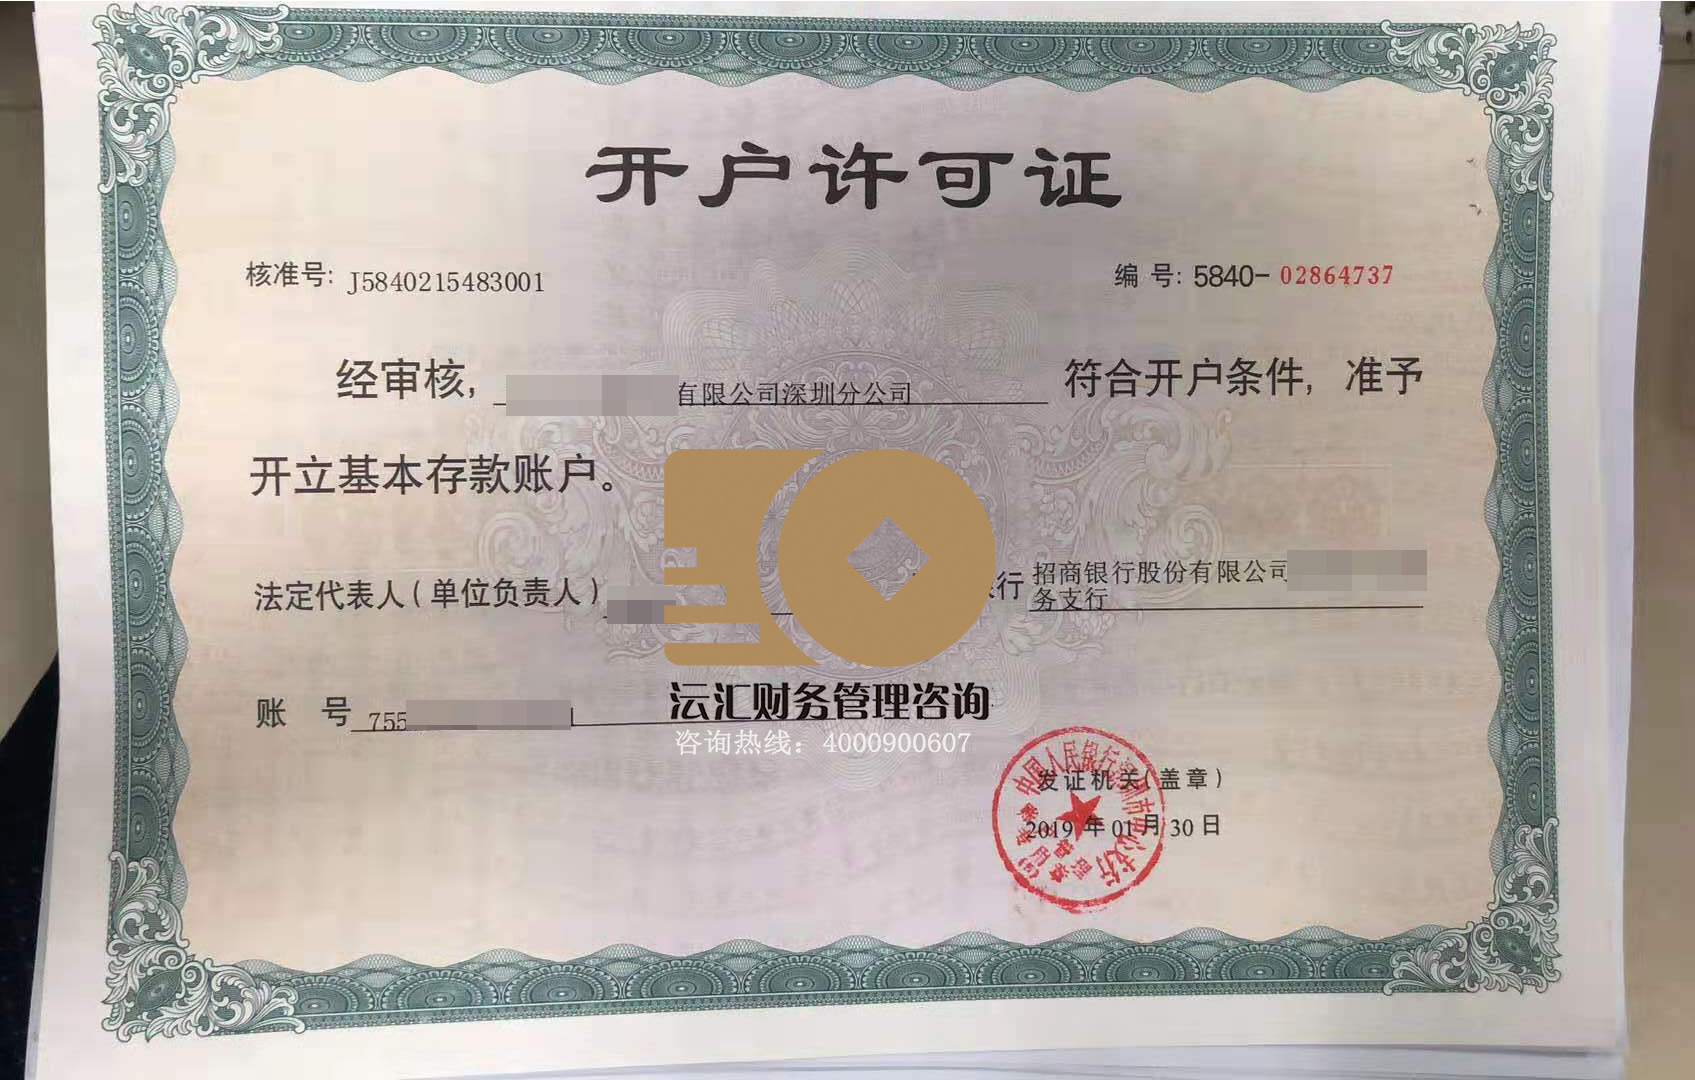 深圳取消企业开户许可证后,我应该上传什么资料做平台